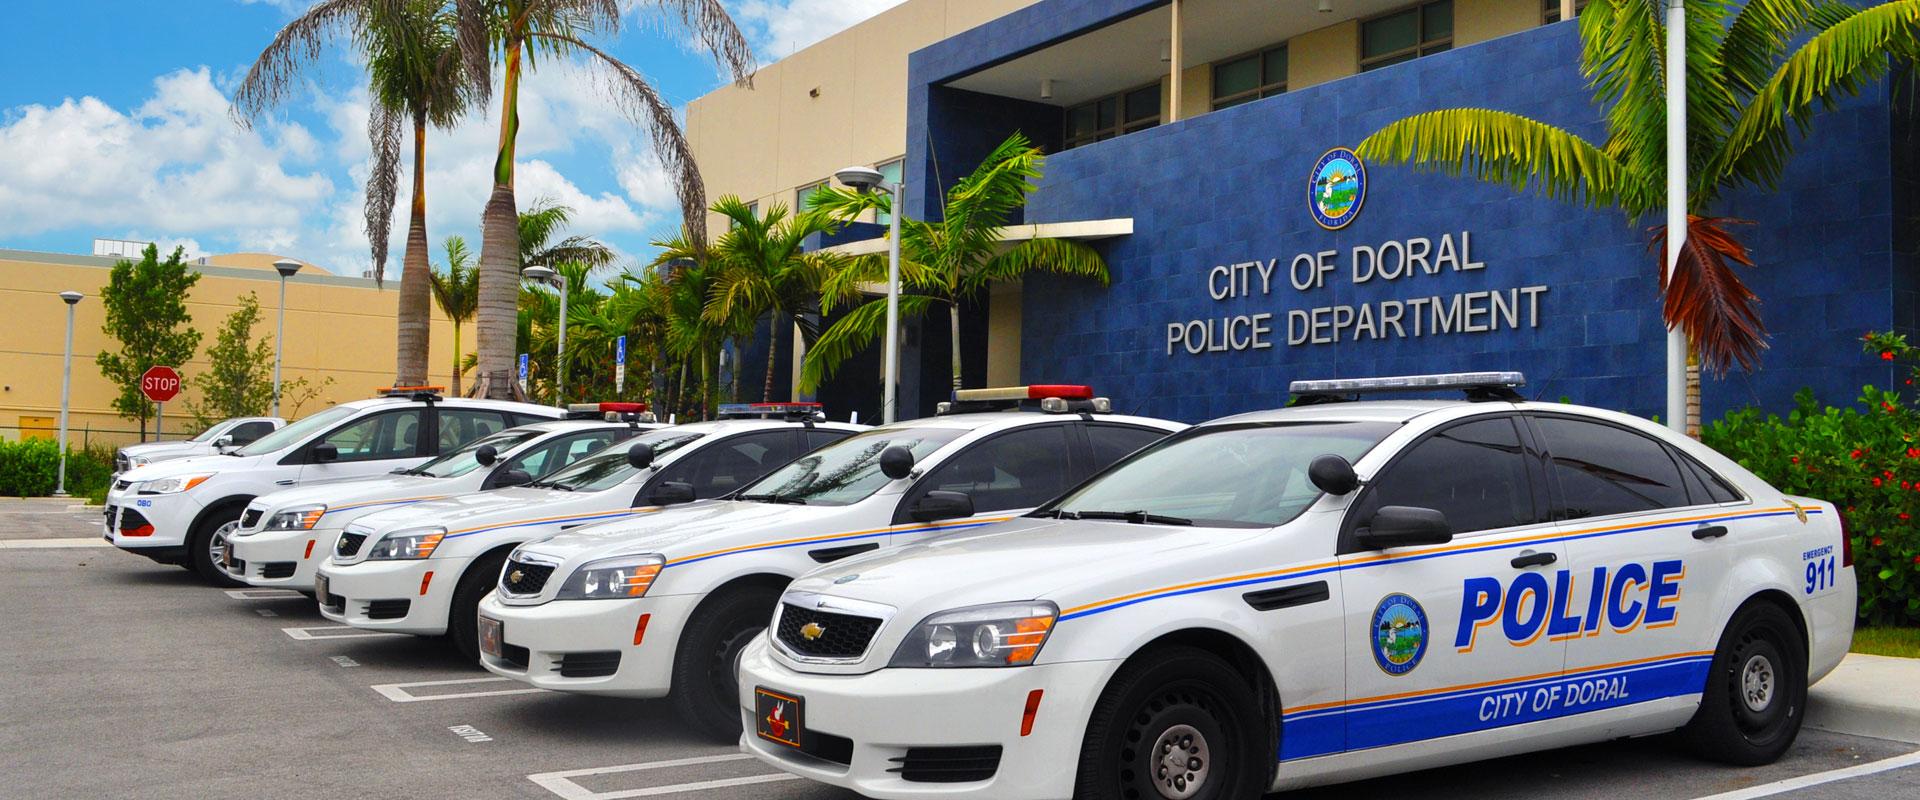 Doral Police · City of Doral